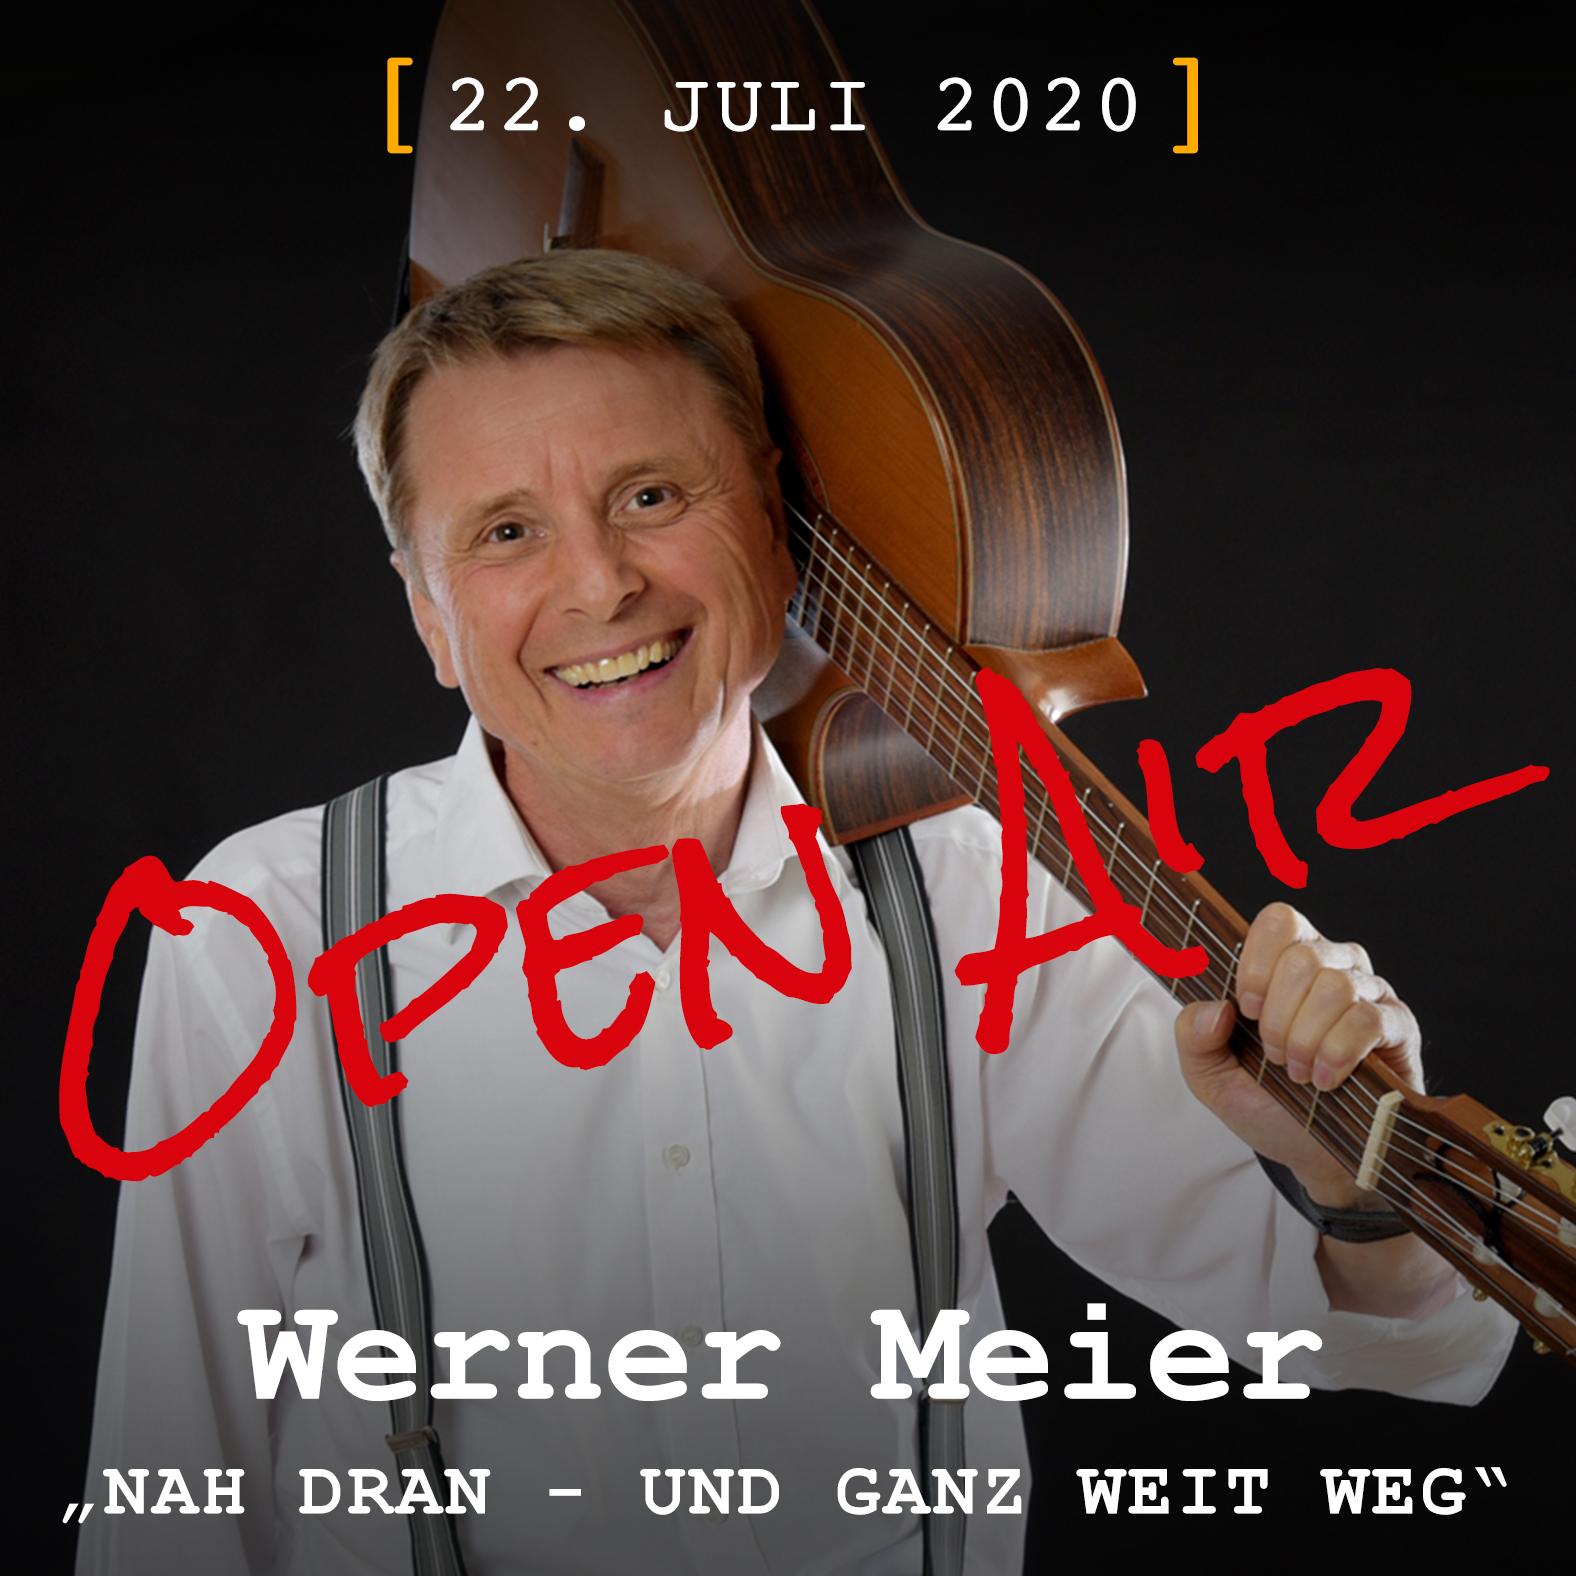 vorschau_werner-meier_22